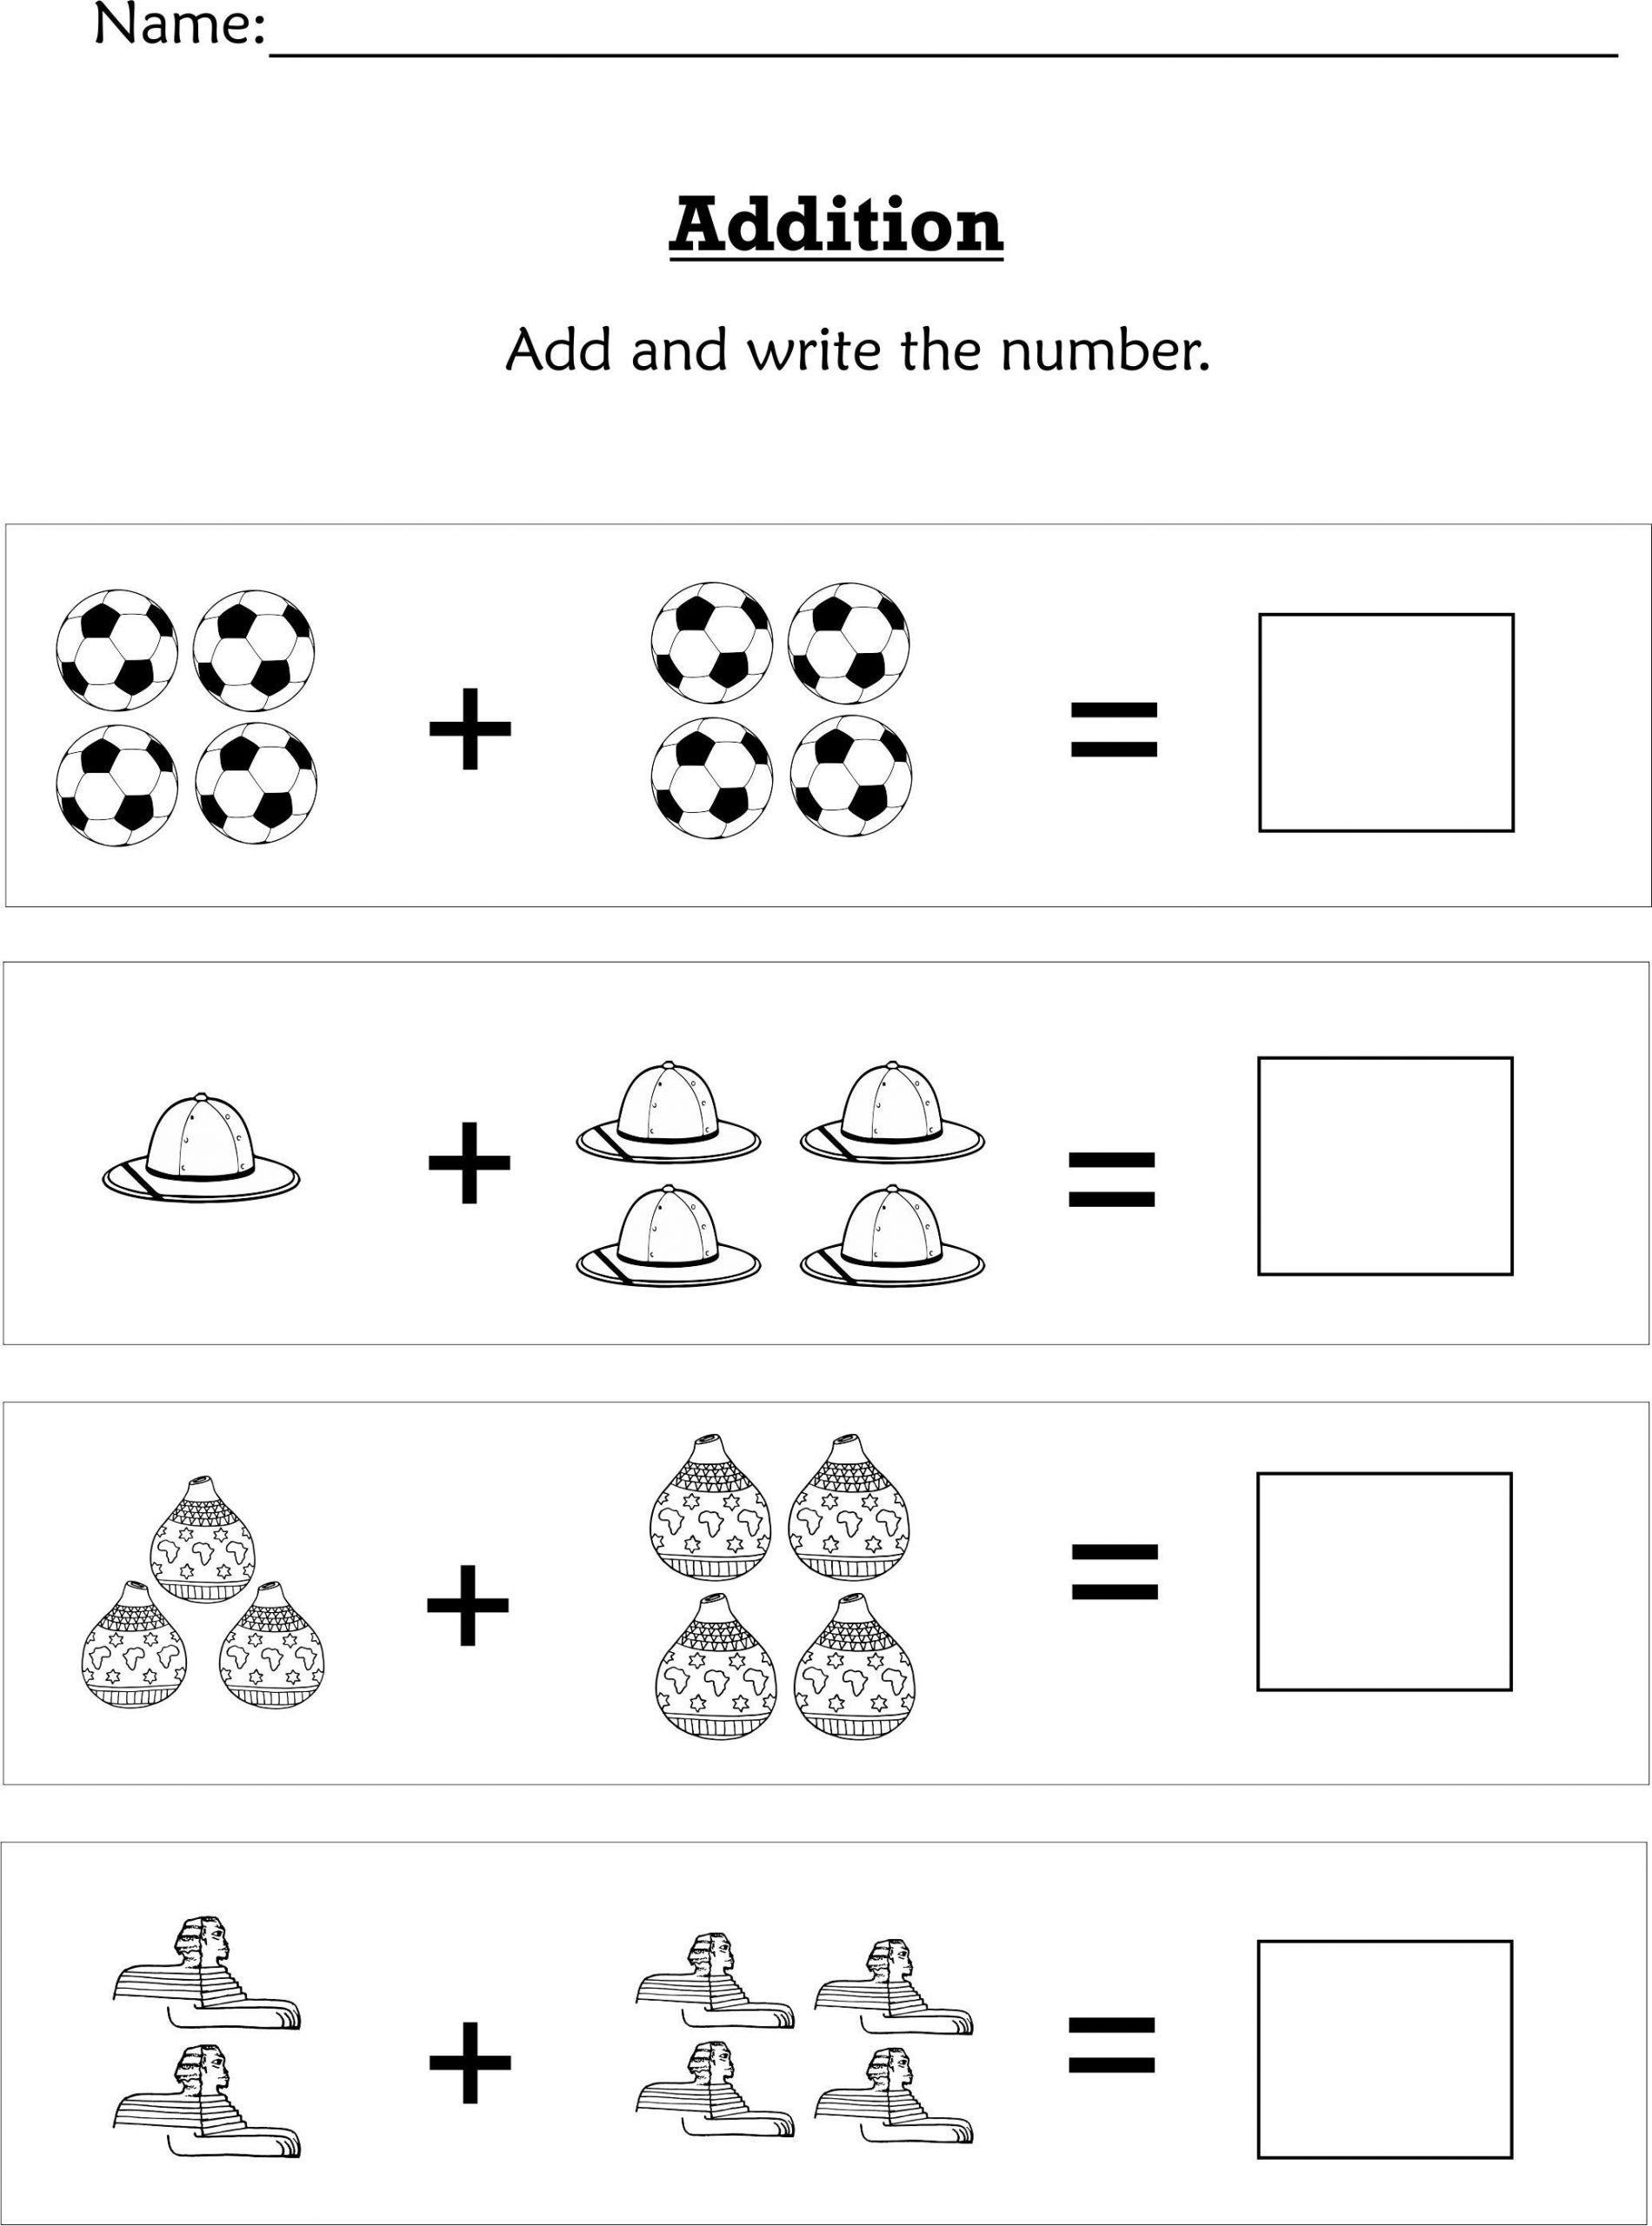 4 Printable Preschool Worksheets For 3 4 Year Olds In 2020